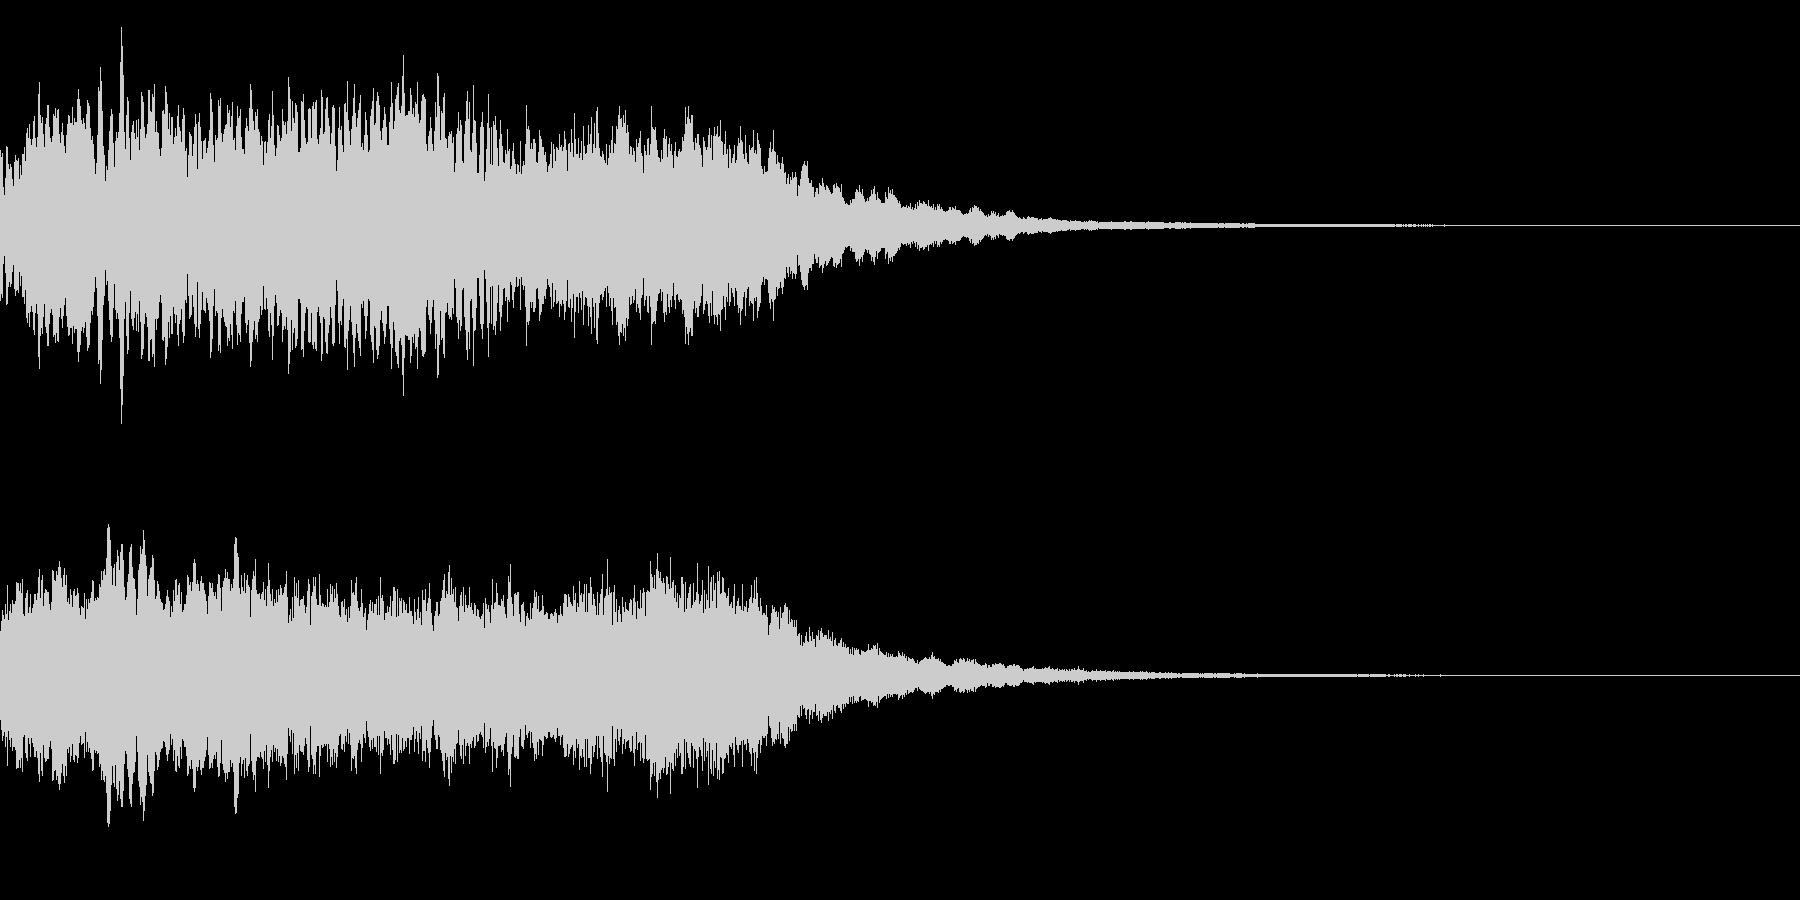 神社 結婚式の笛(笙)和風フレーズ!02の未再生の波形